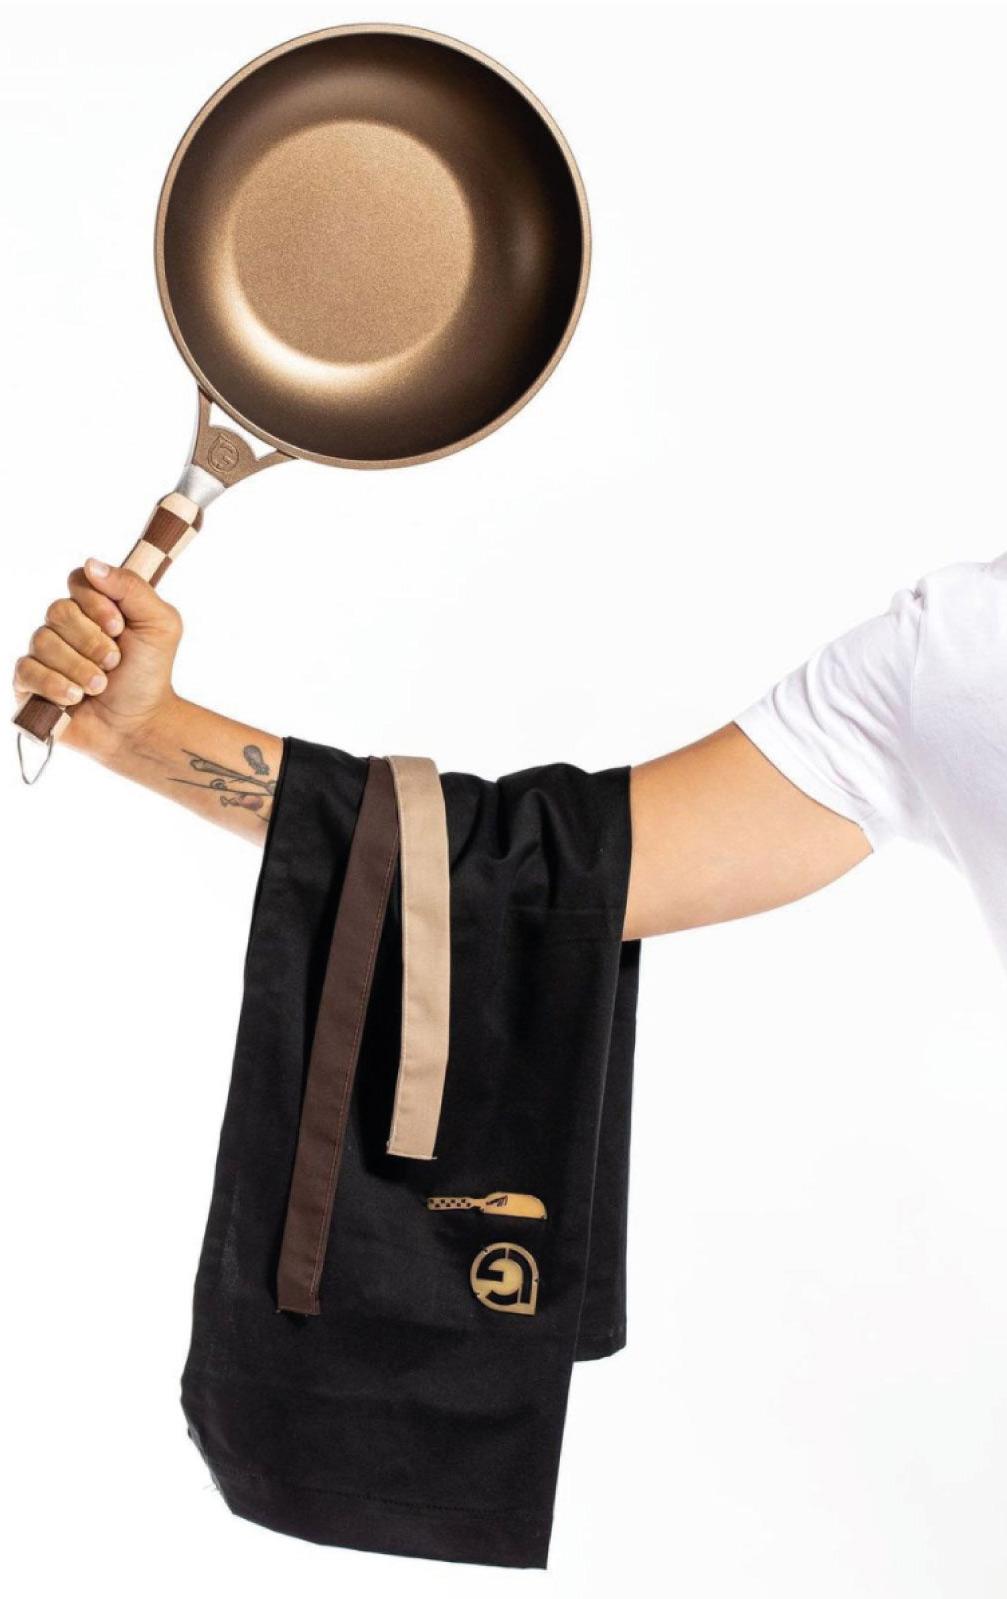 Luchetti - contest Chef per un giorno